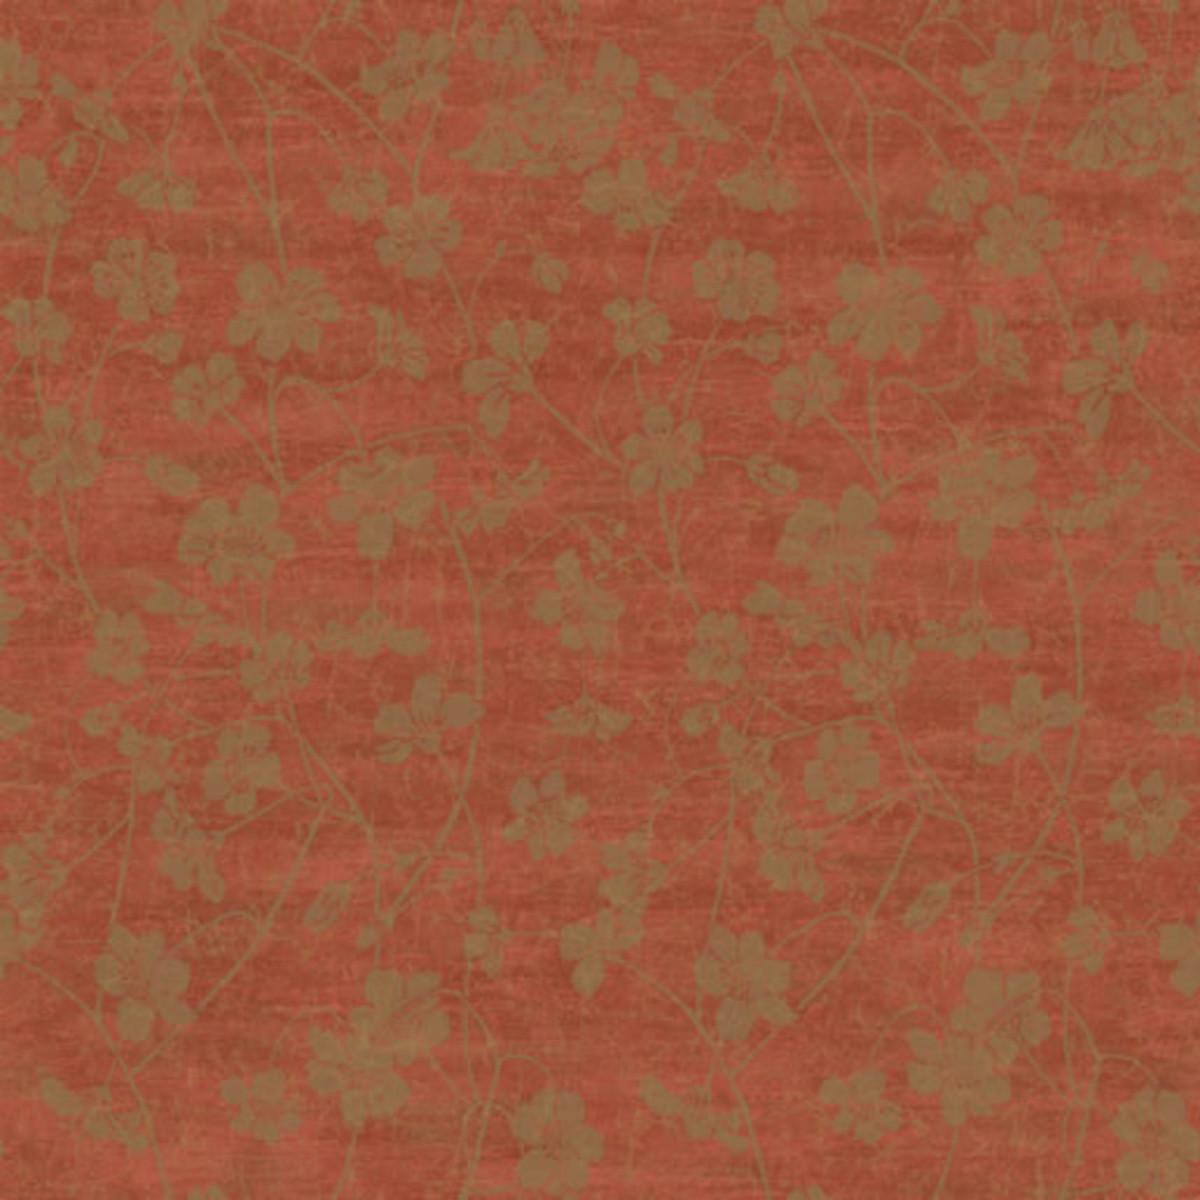 Виниловые обои York Wallcoverings красные CL0911 0.68 м